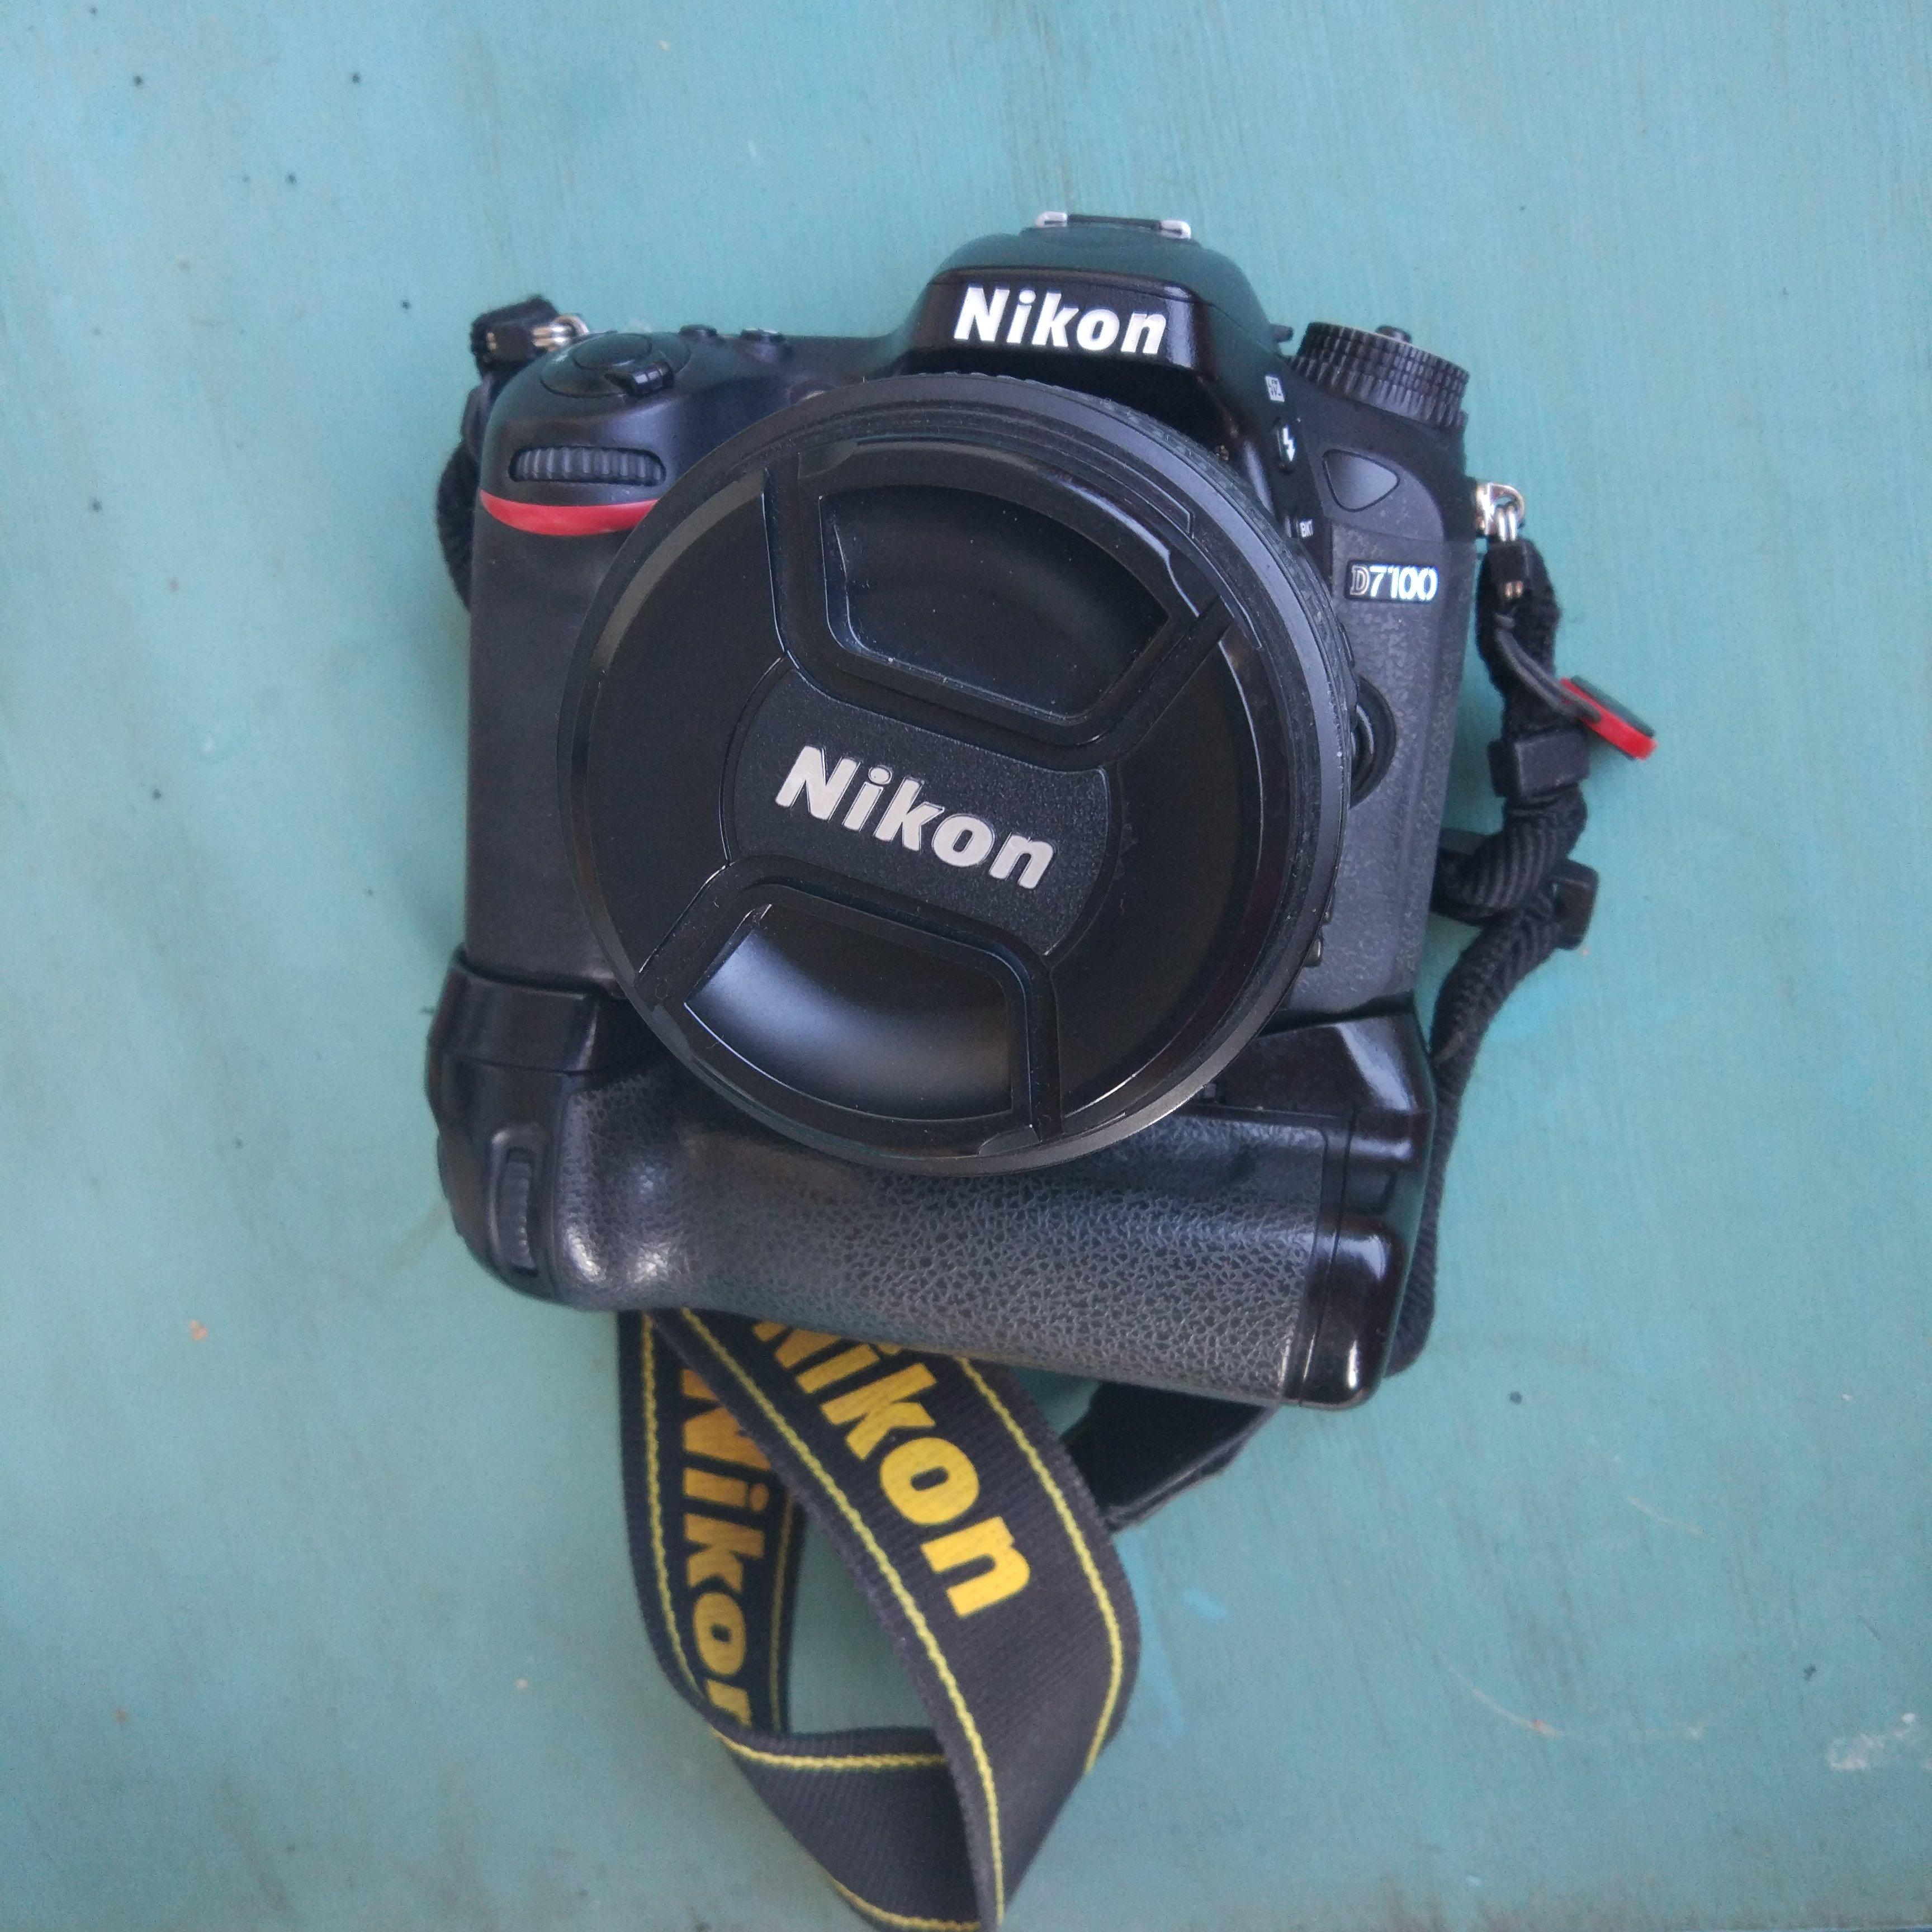 Nikon D7100 (1/3)